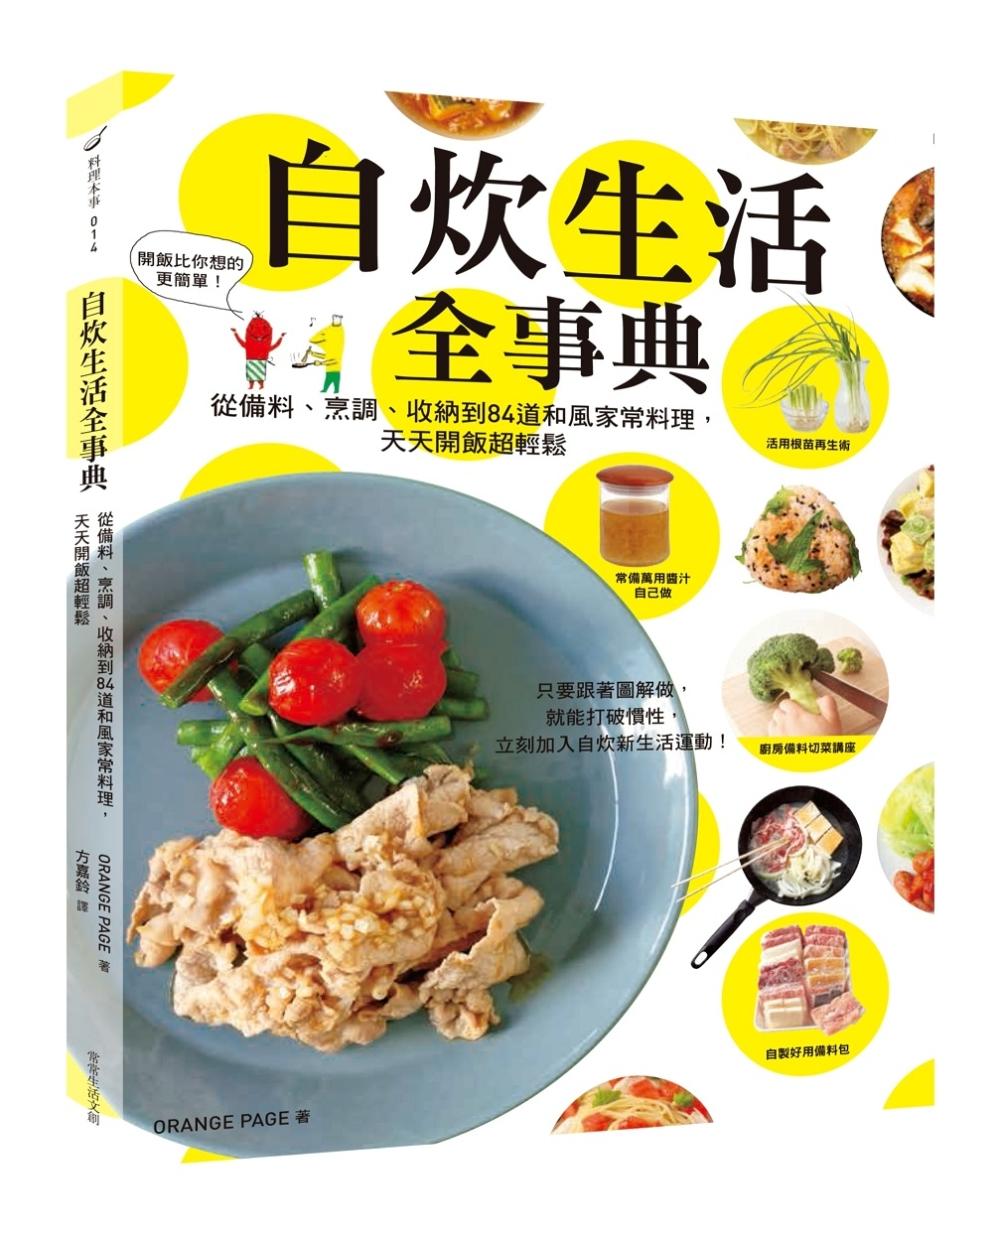 ◤博客來BOOKS◢ 暢銷書榜《推薦》自炊生活全事典:從備料、烹調、收納到84道和風家常料理,天天開飯超輕鬆